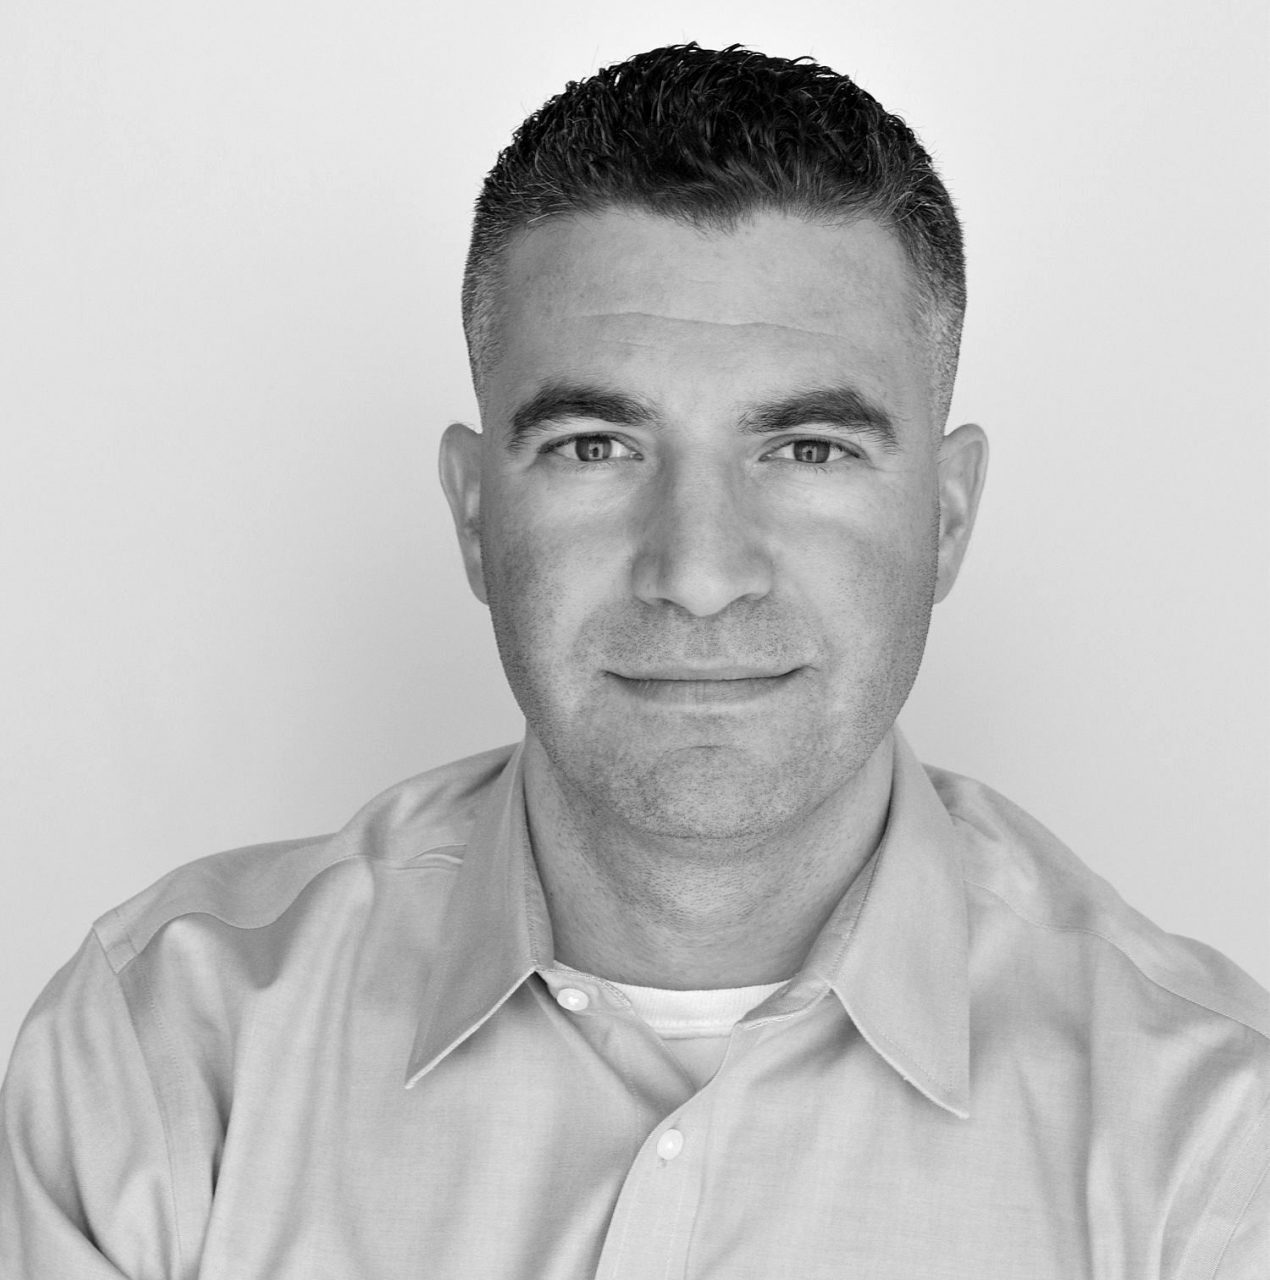 Jesse Rothstein